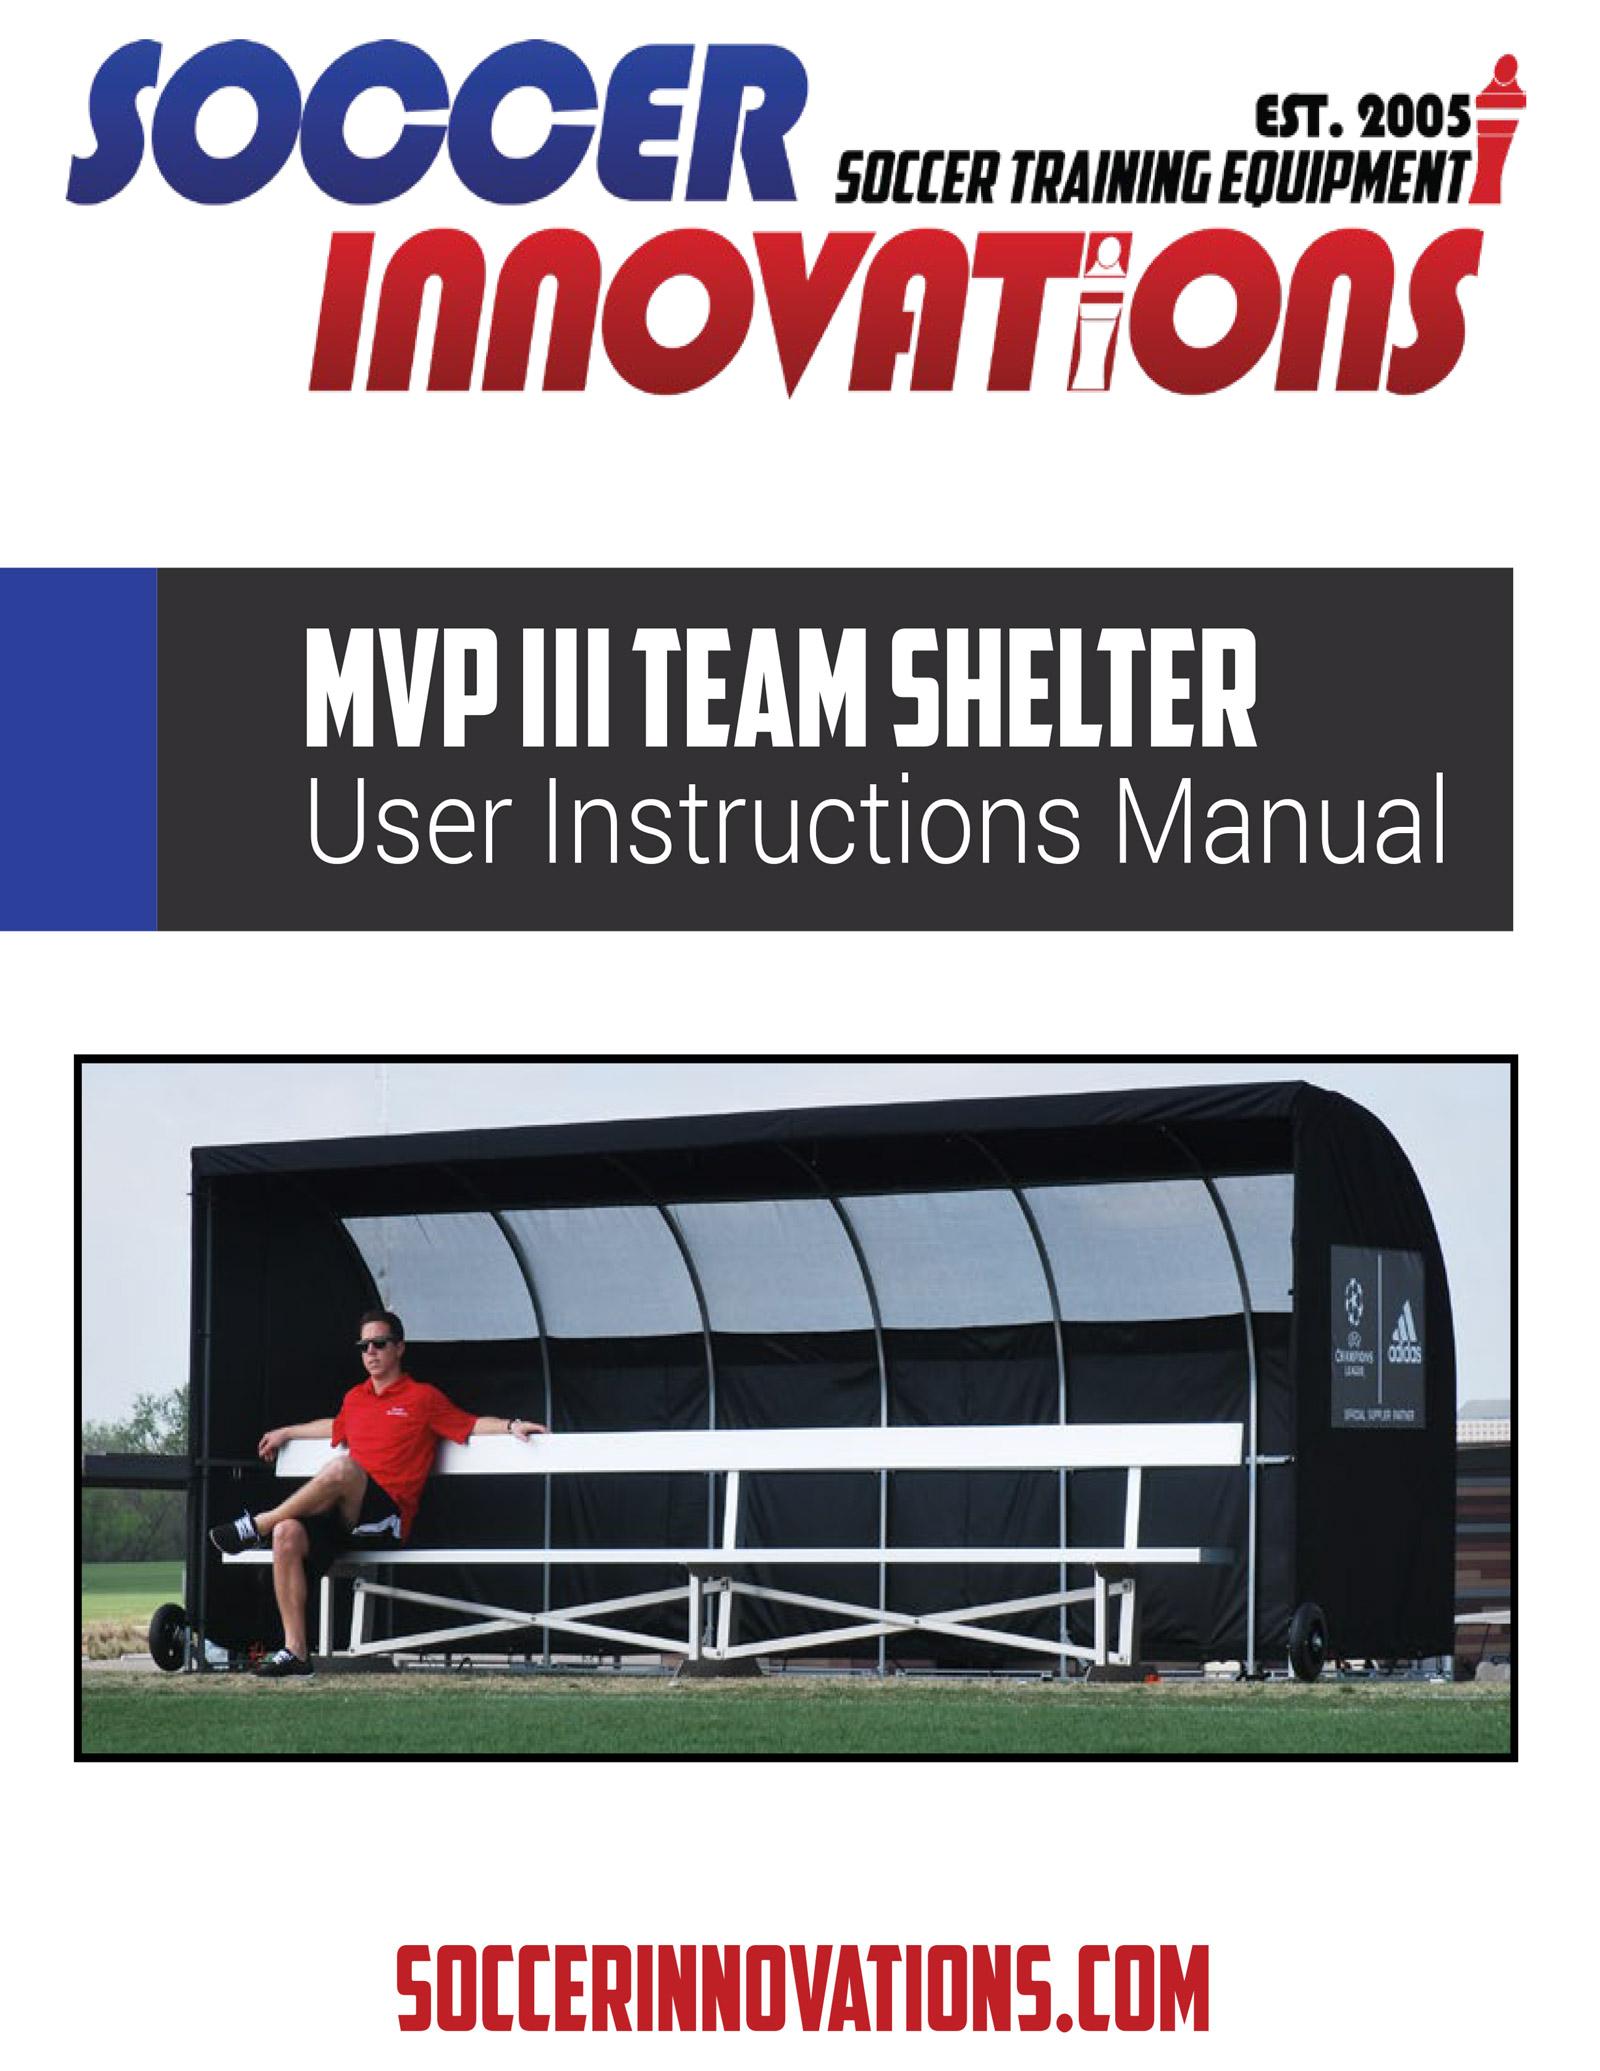 mvp-instructions.jpg